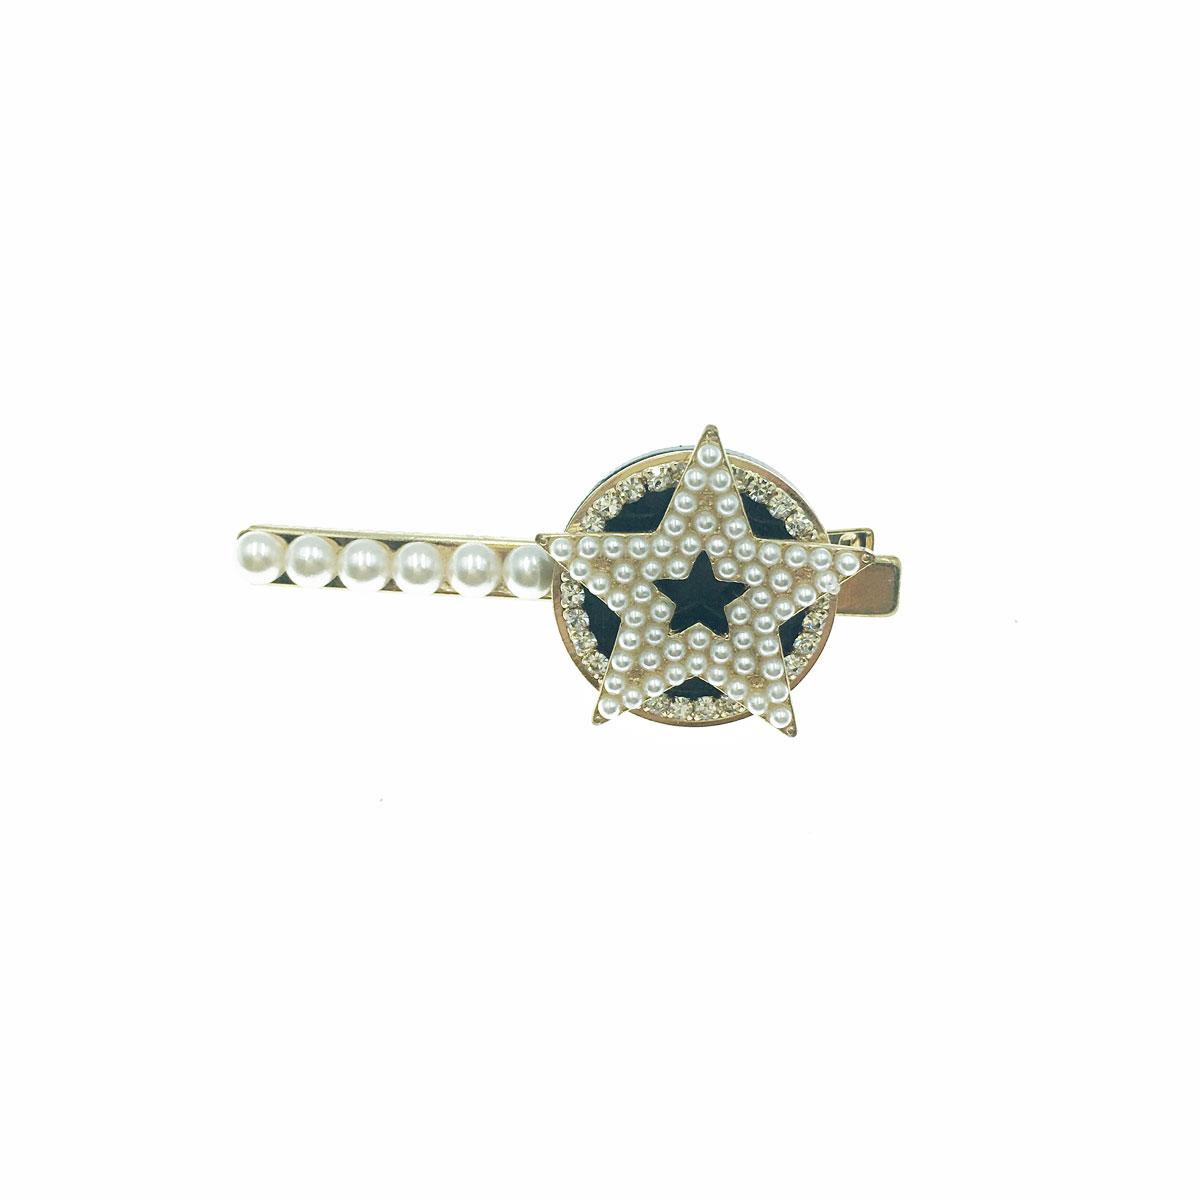 韓國 水鑽 珍珠 星星 金邊 壓夾 髮夾 髮飾